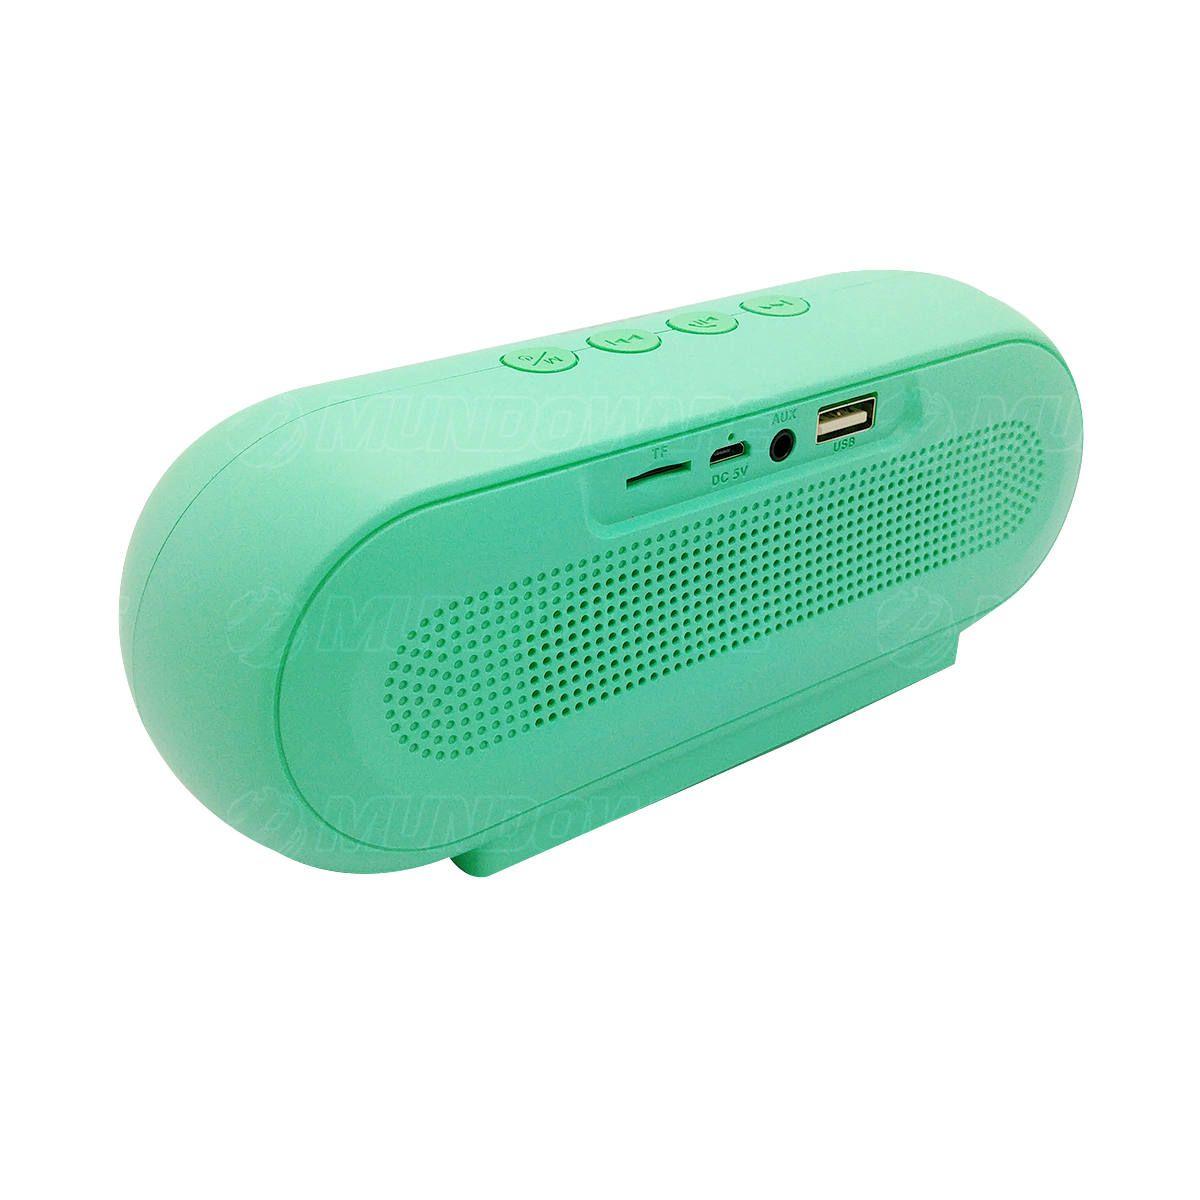 Caixa de Som Bluetooth 5.0 Multimídia 10W FM USB SD P2 Tecnologia TWS Bateria 1200mAh Macaron VC-M290BT Verde